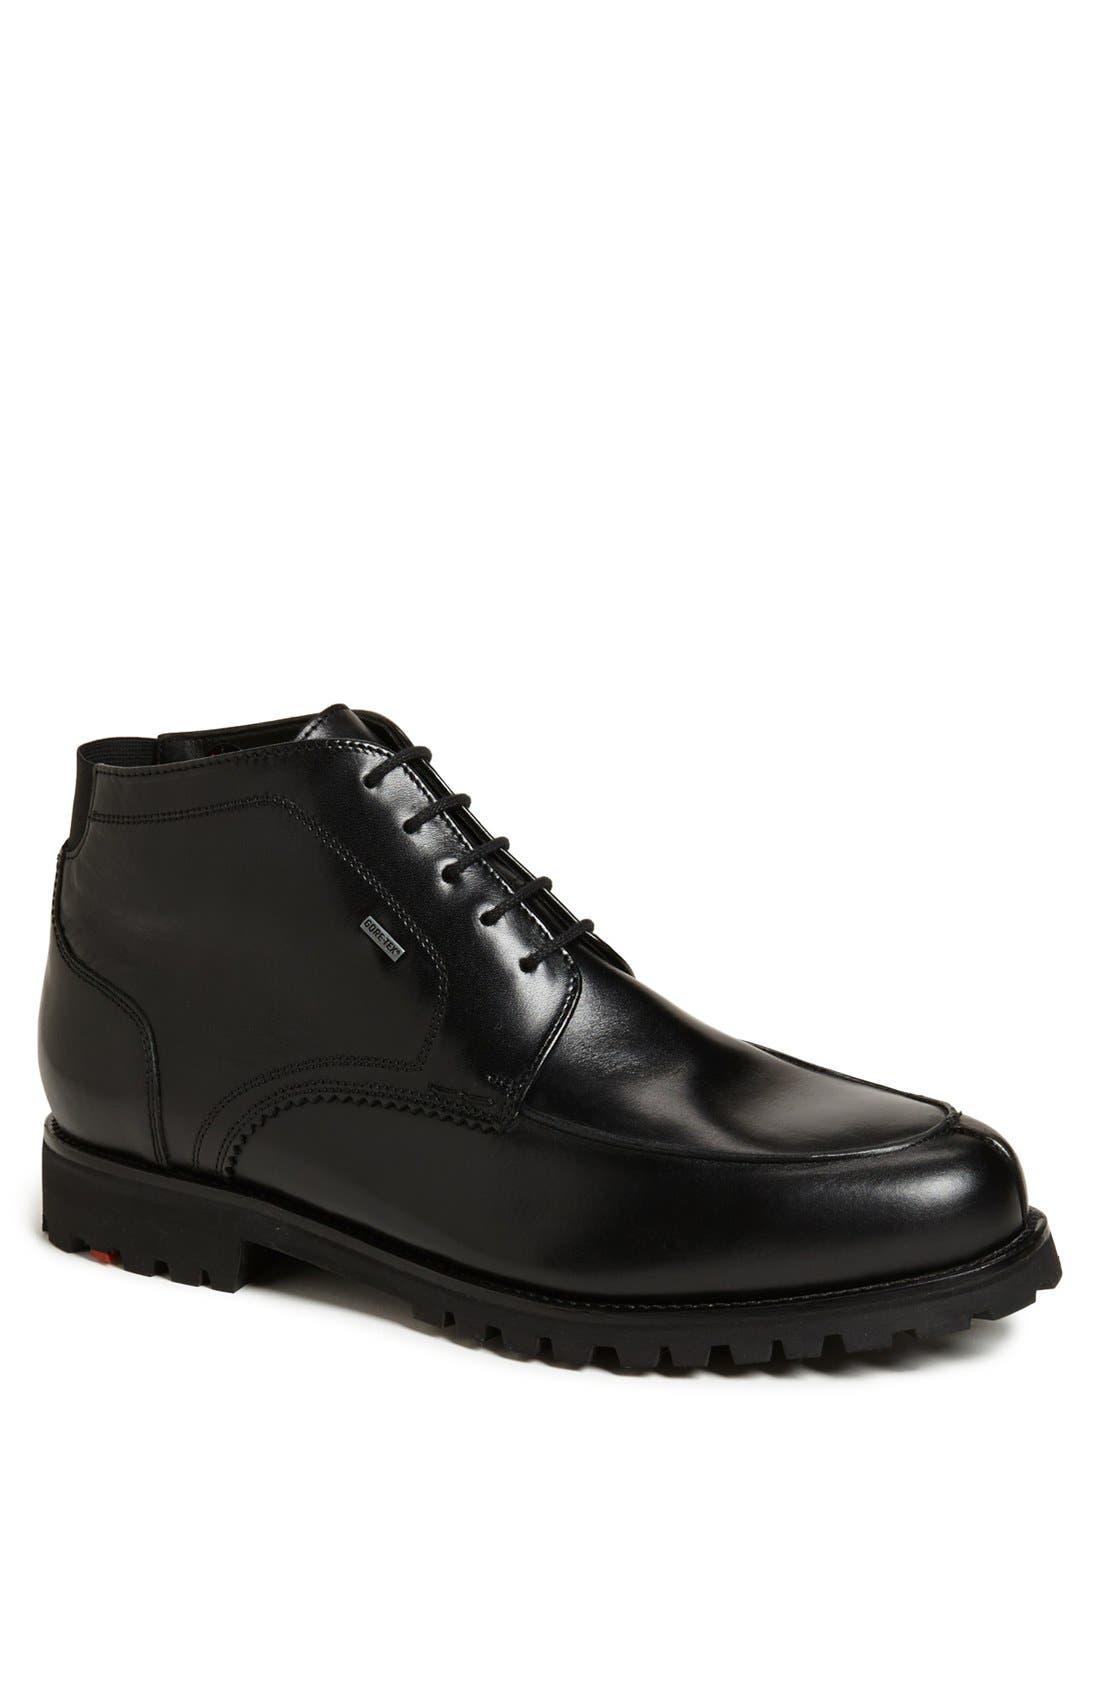 'Varello' Chukka Boot,                         Main,                         color, Black